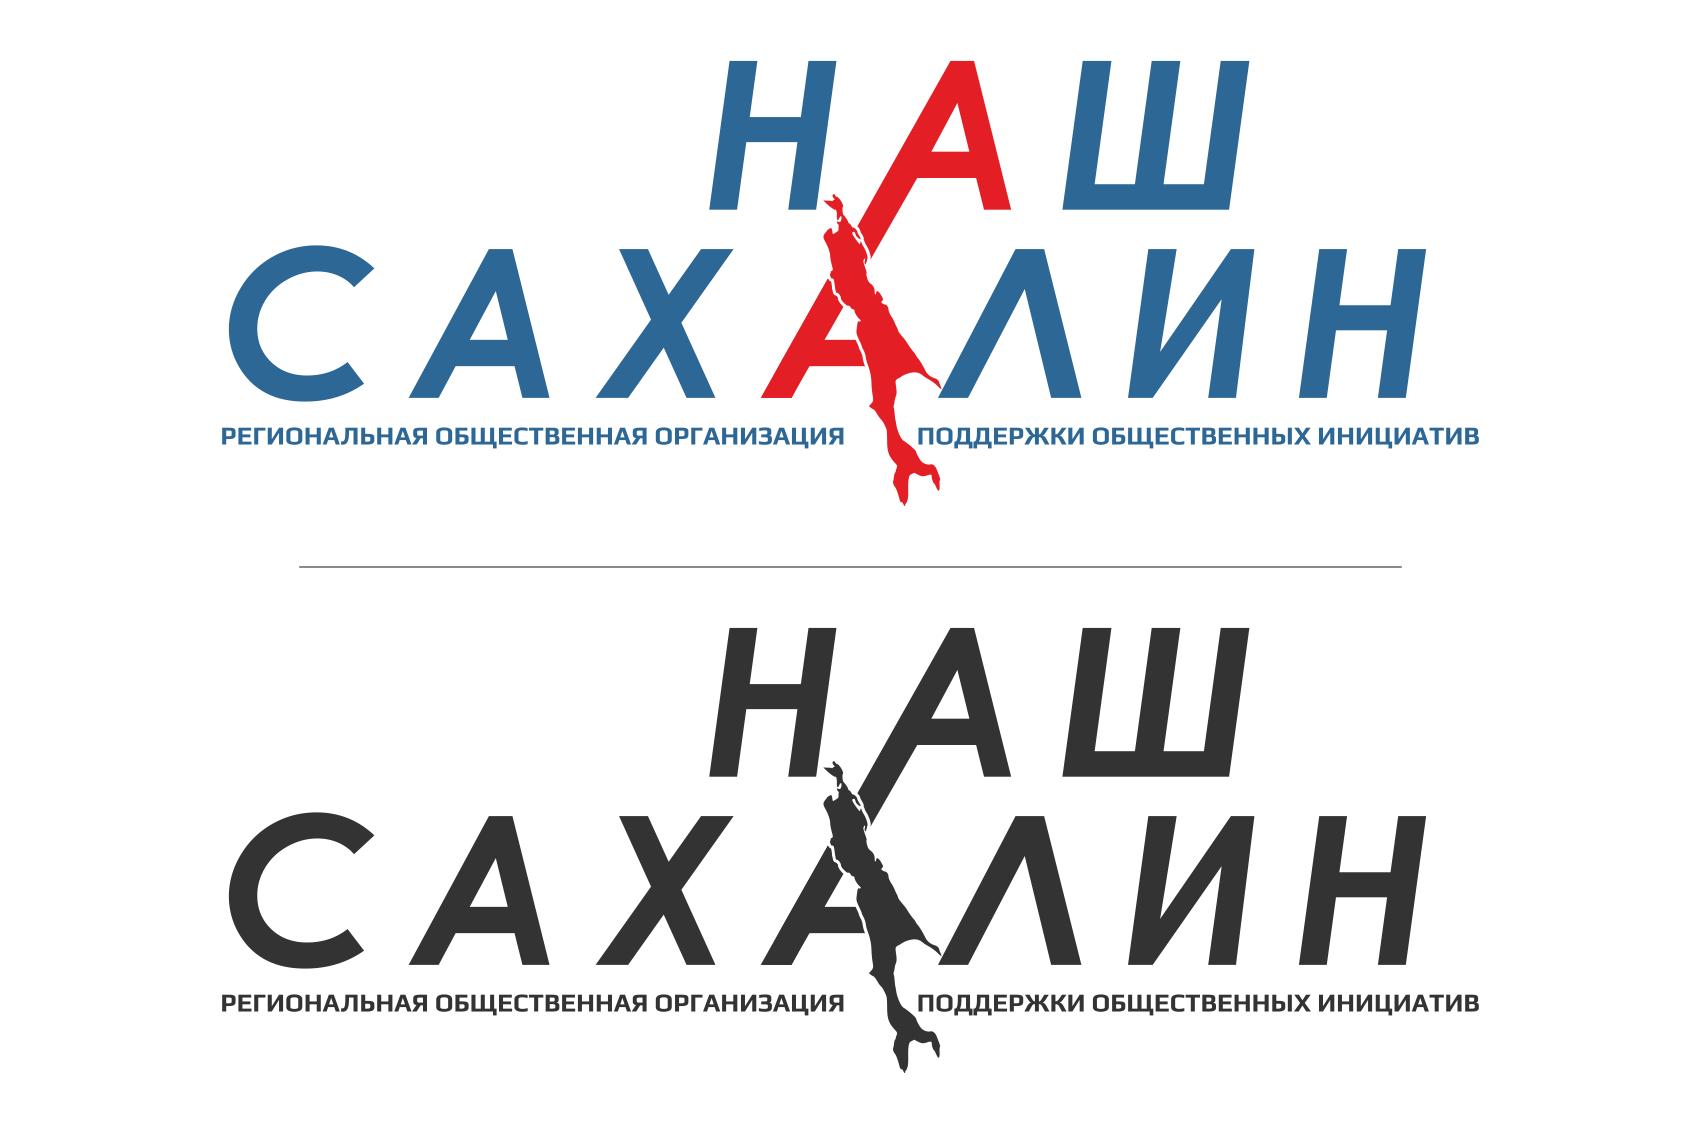 """Логотип для некоммерческой организации """"Наш Сахалин"""" фото f_5695a7c83e2092a7.png"""